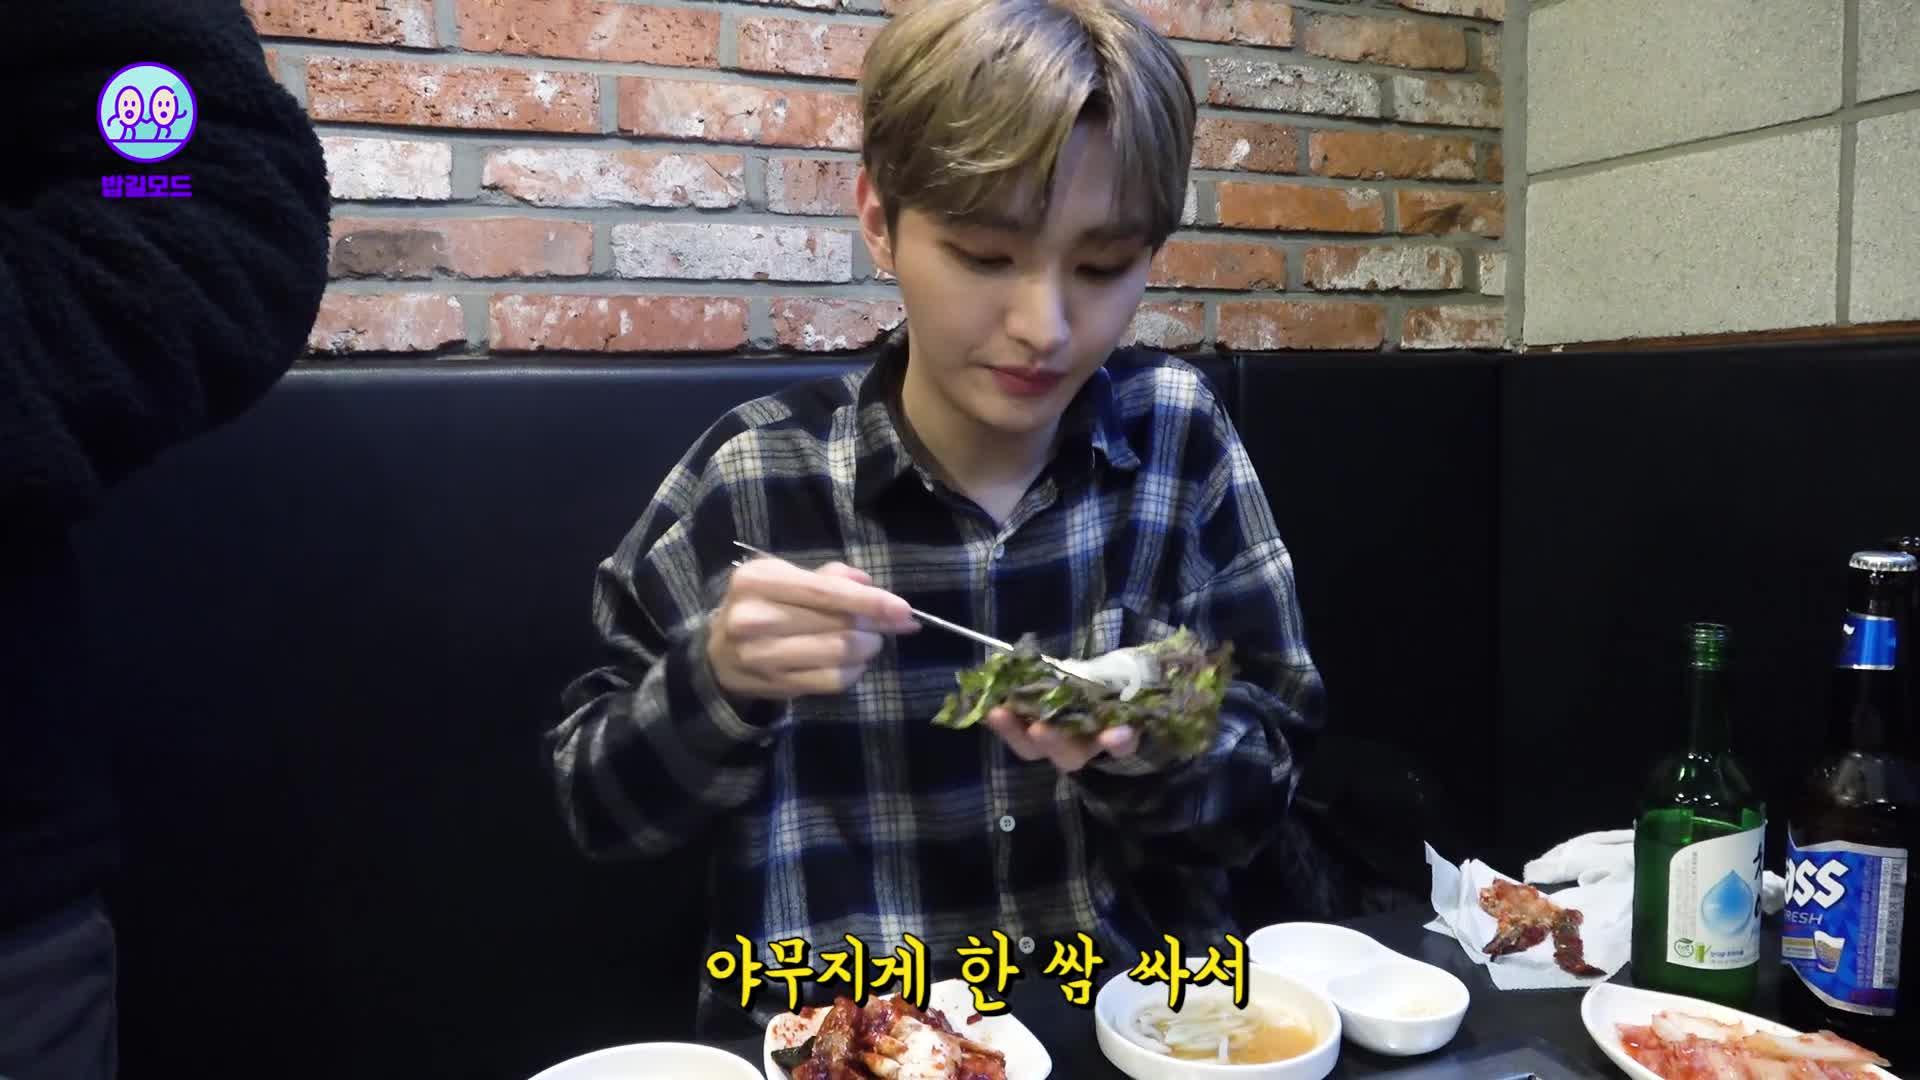 [윤쿠쿠캠] Ep.8 윤지성 ~어쏴이드~ 팬미팅 투어 서울편